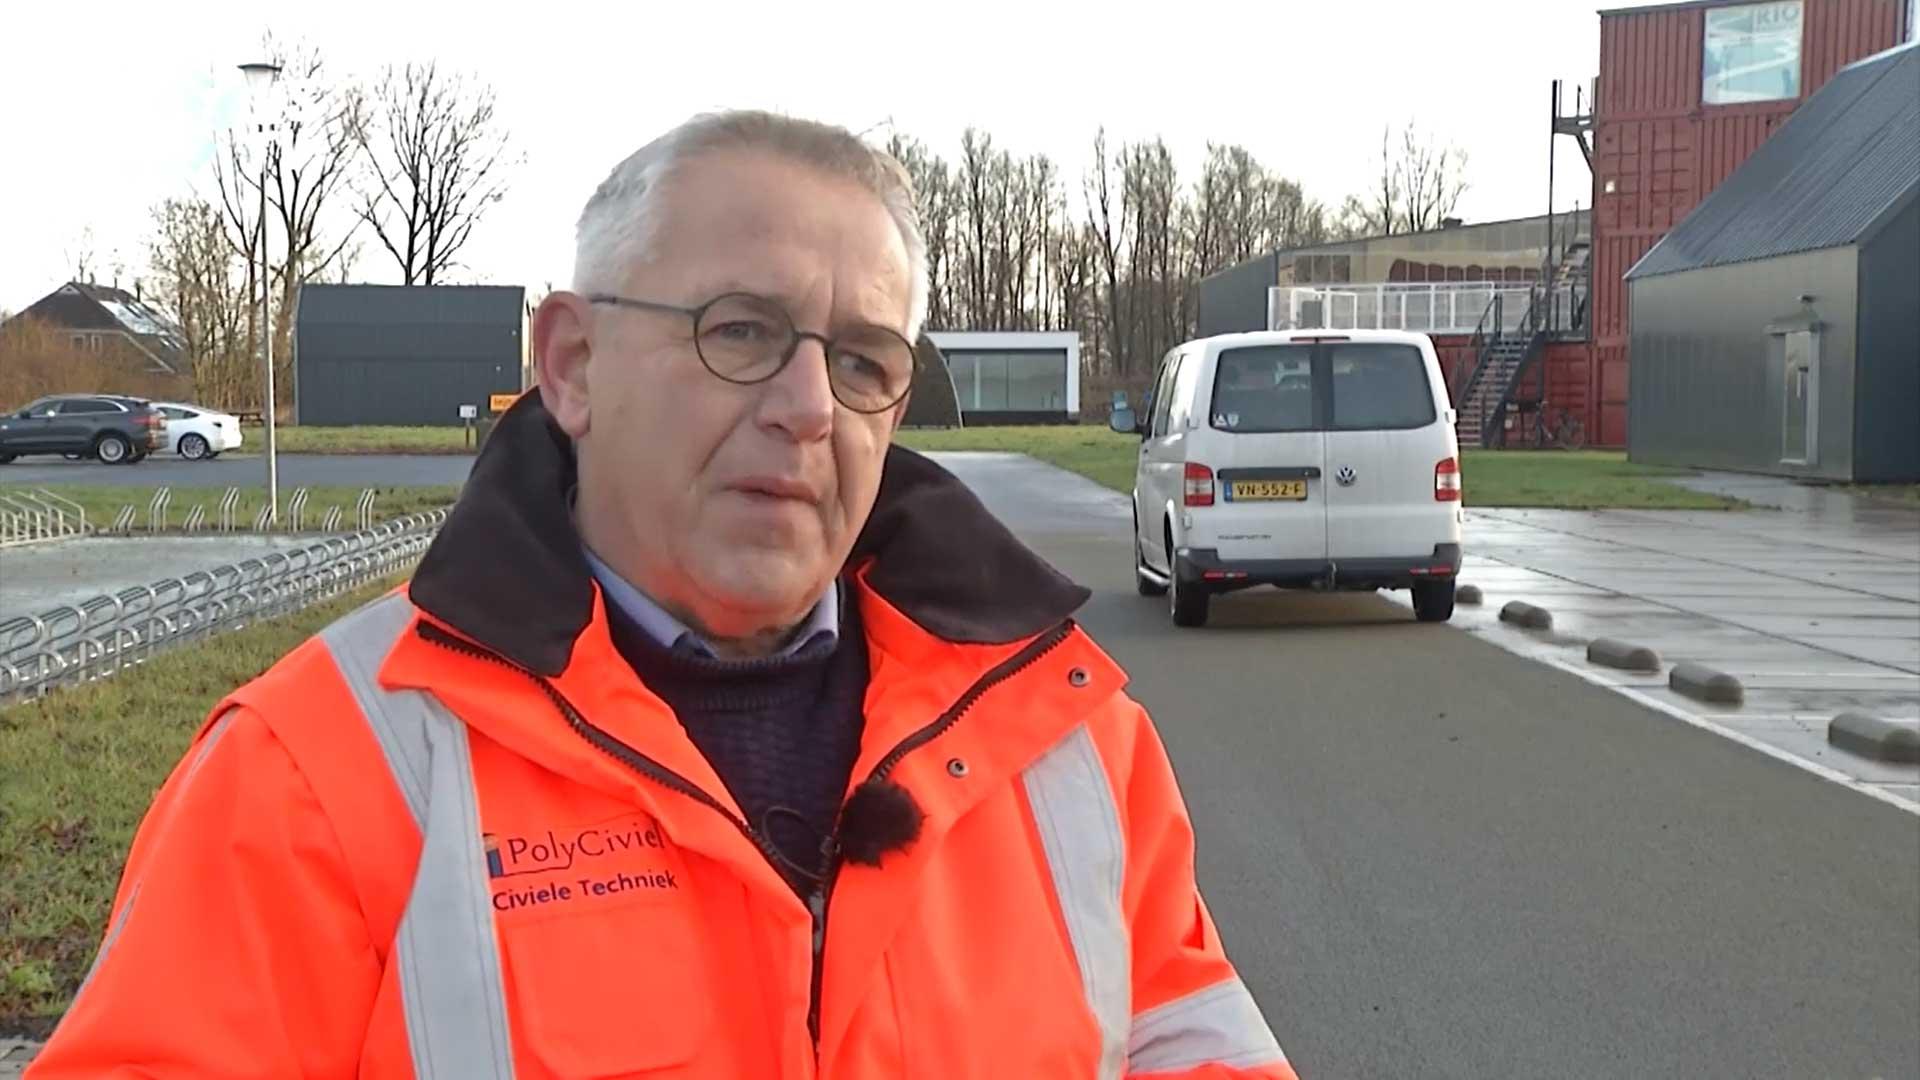 Piet Zijlstra (Polyciviel)